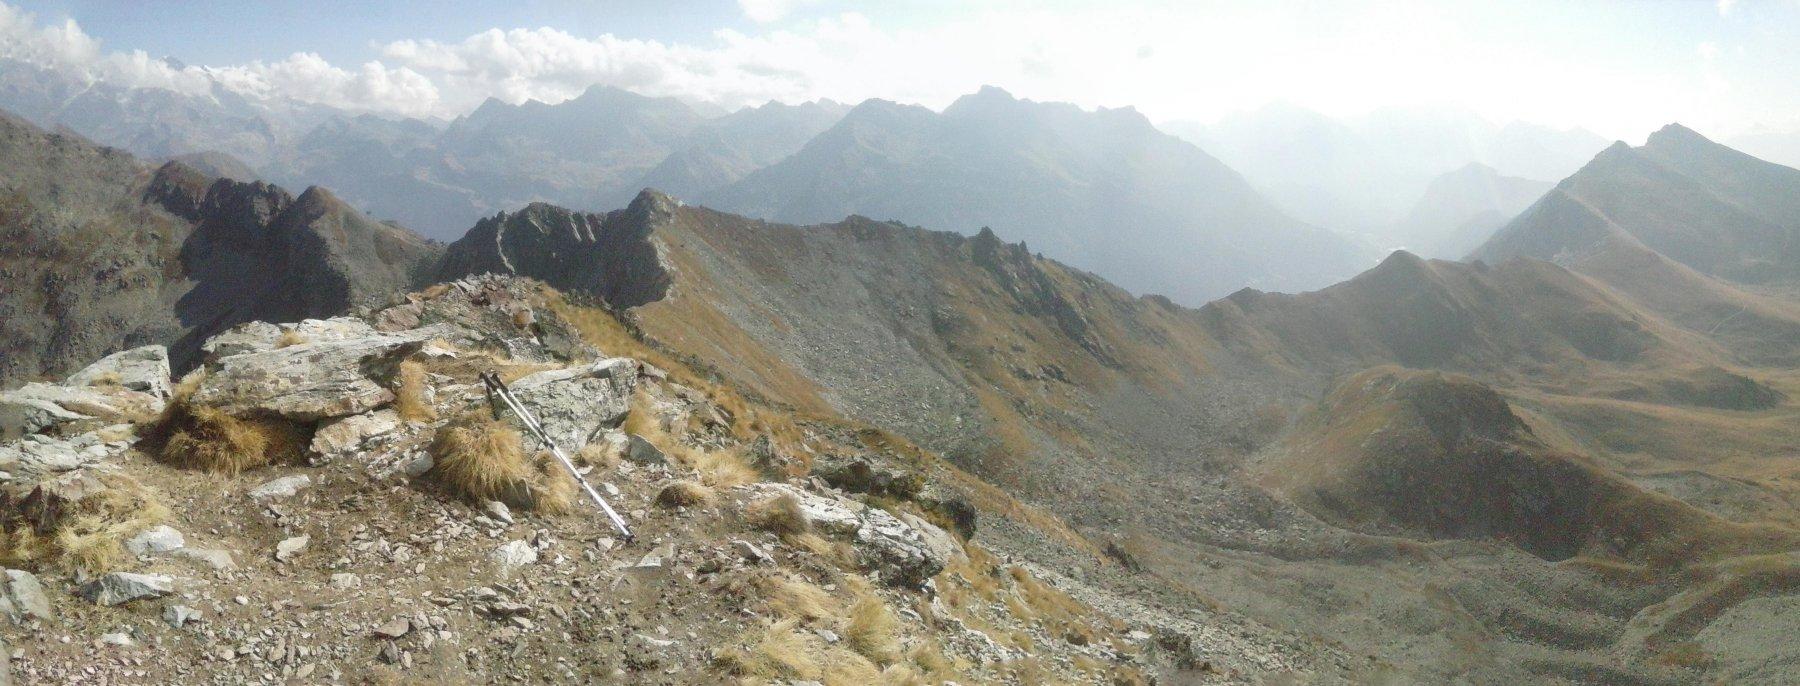 la lunga cresta da percorrere verso il colle Portola...